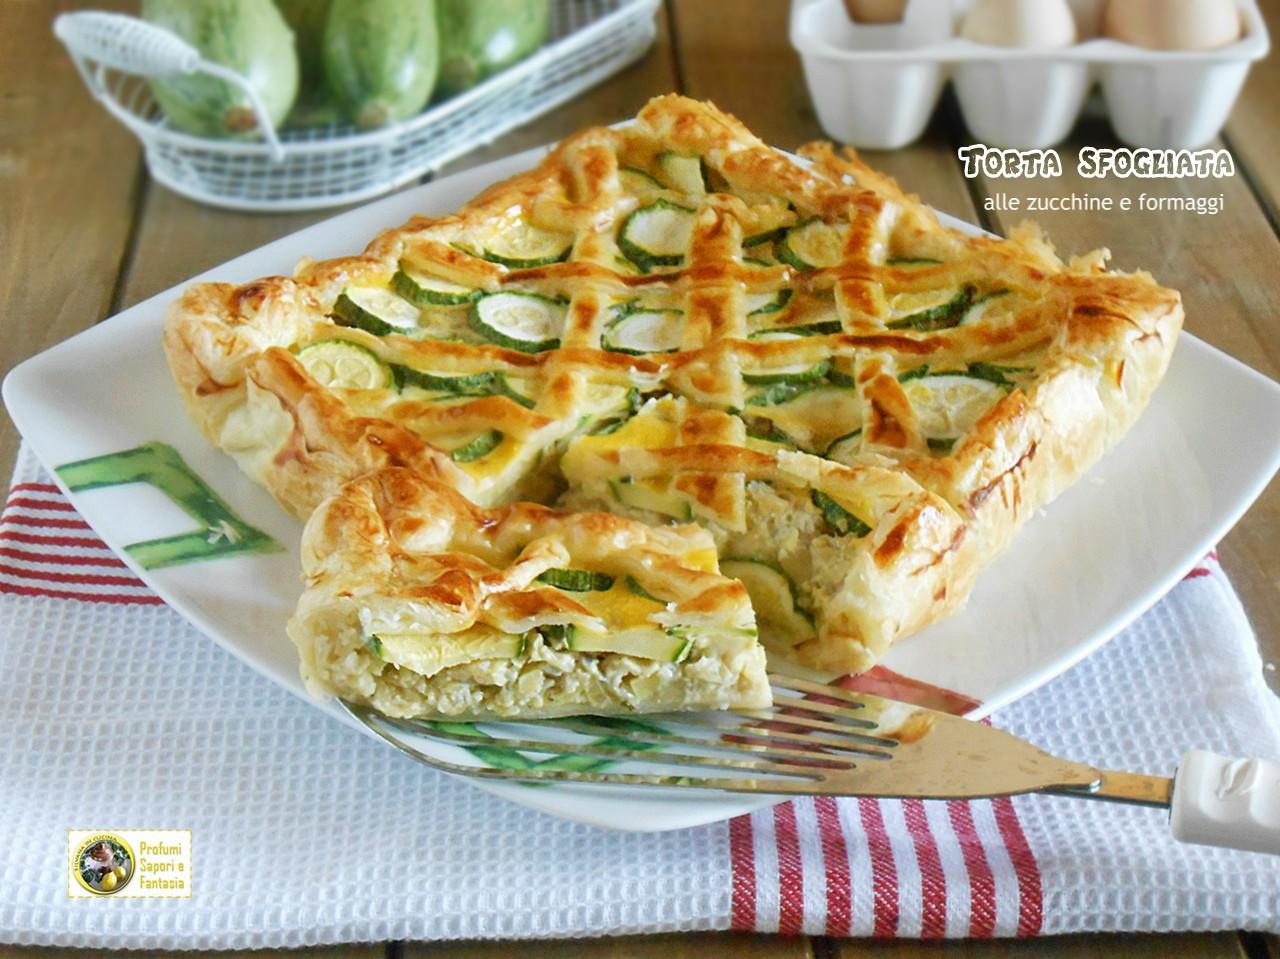 Torta sfogliata con zucchine e formaggi